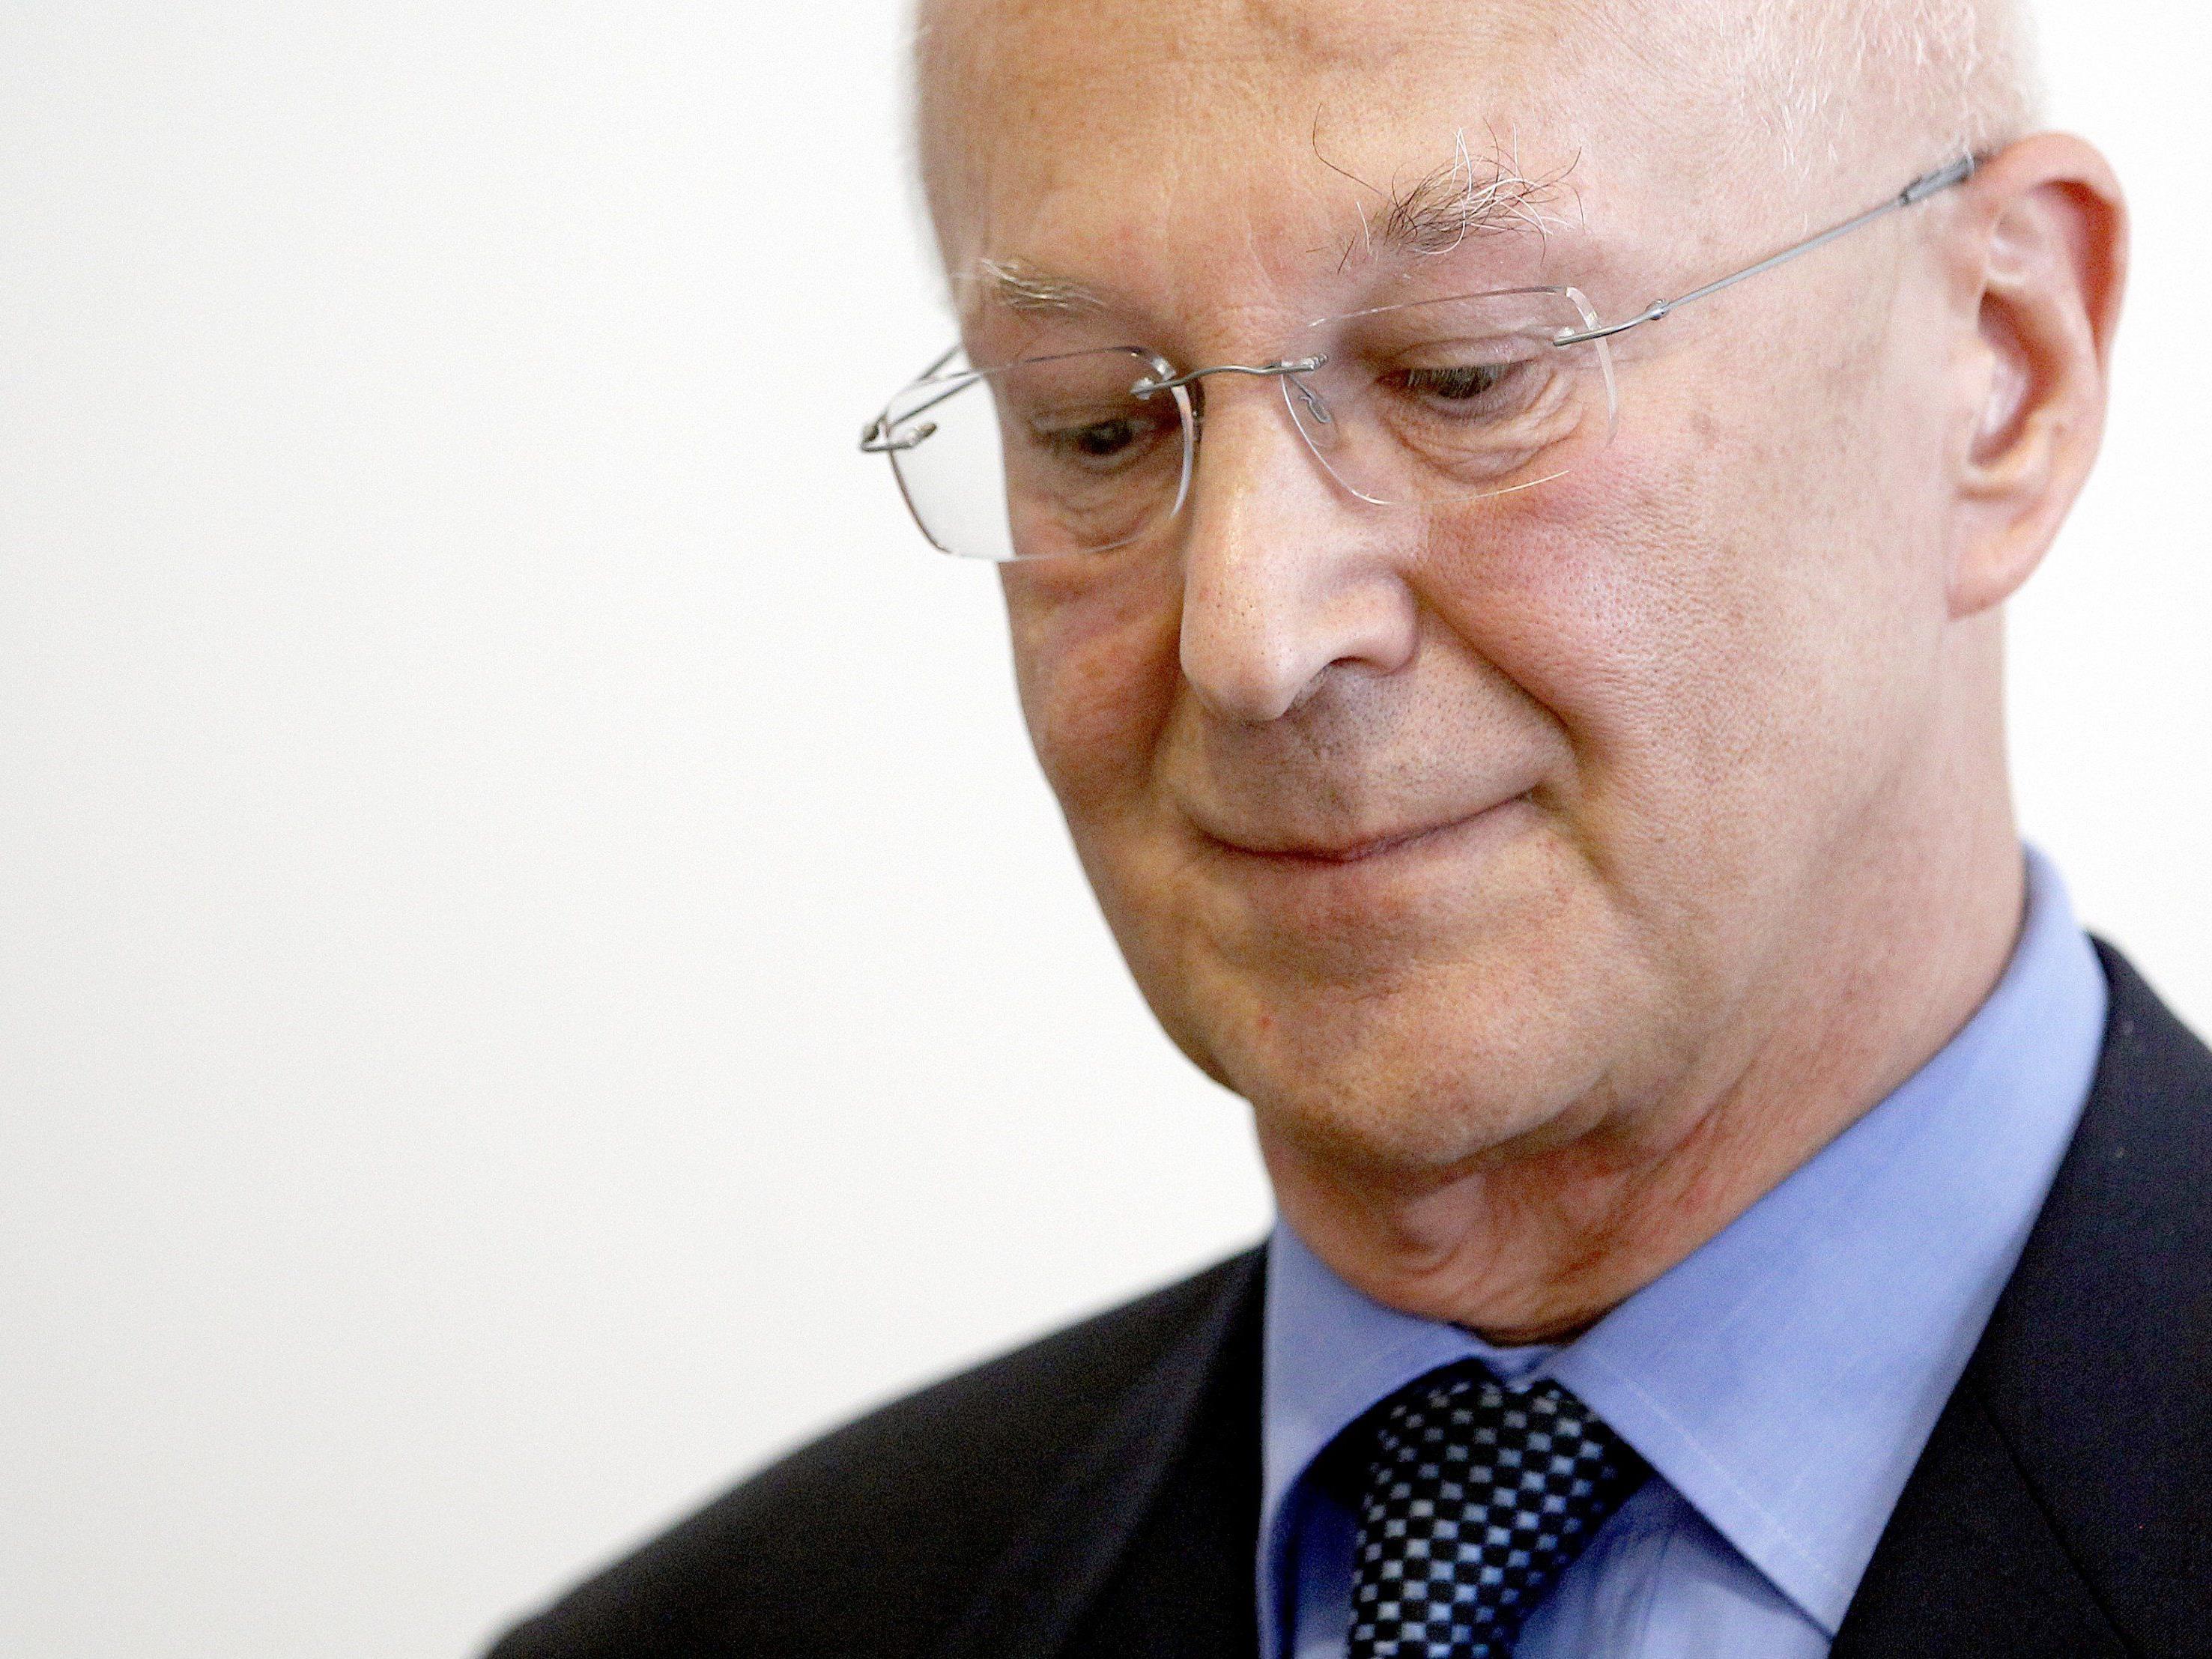 Mirko Kovats steht wegen Schmiergeldern im Visier der belgischen Justiz. Flossen auch Gelder über Vorarlberg?